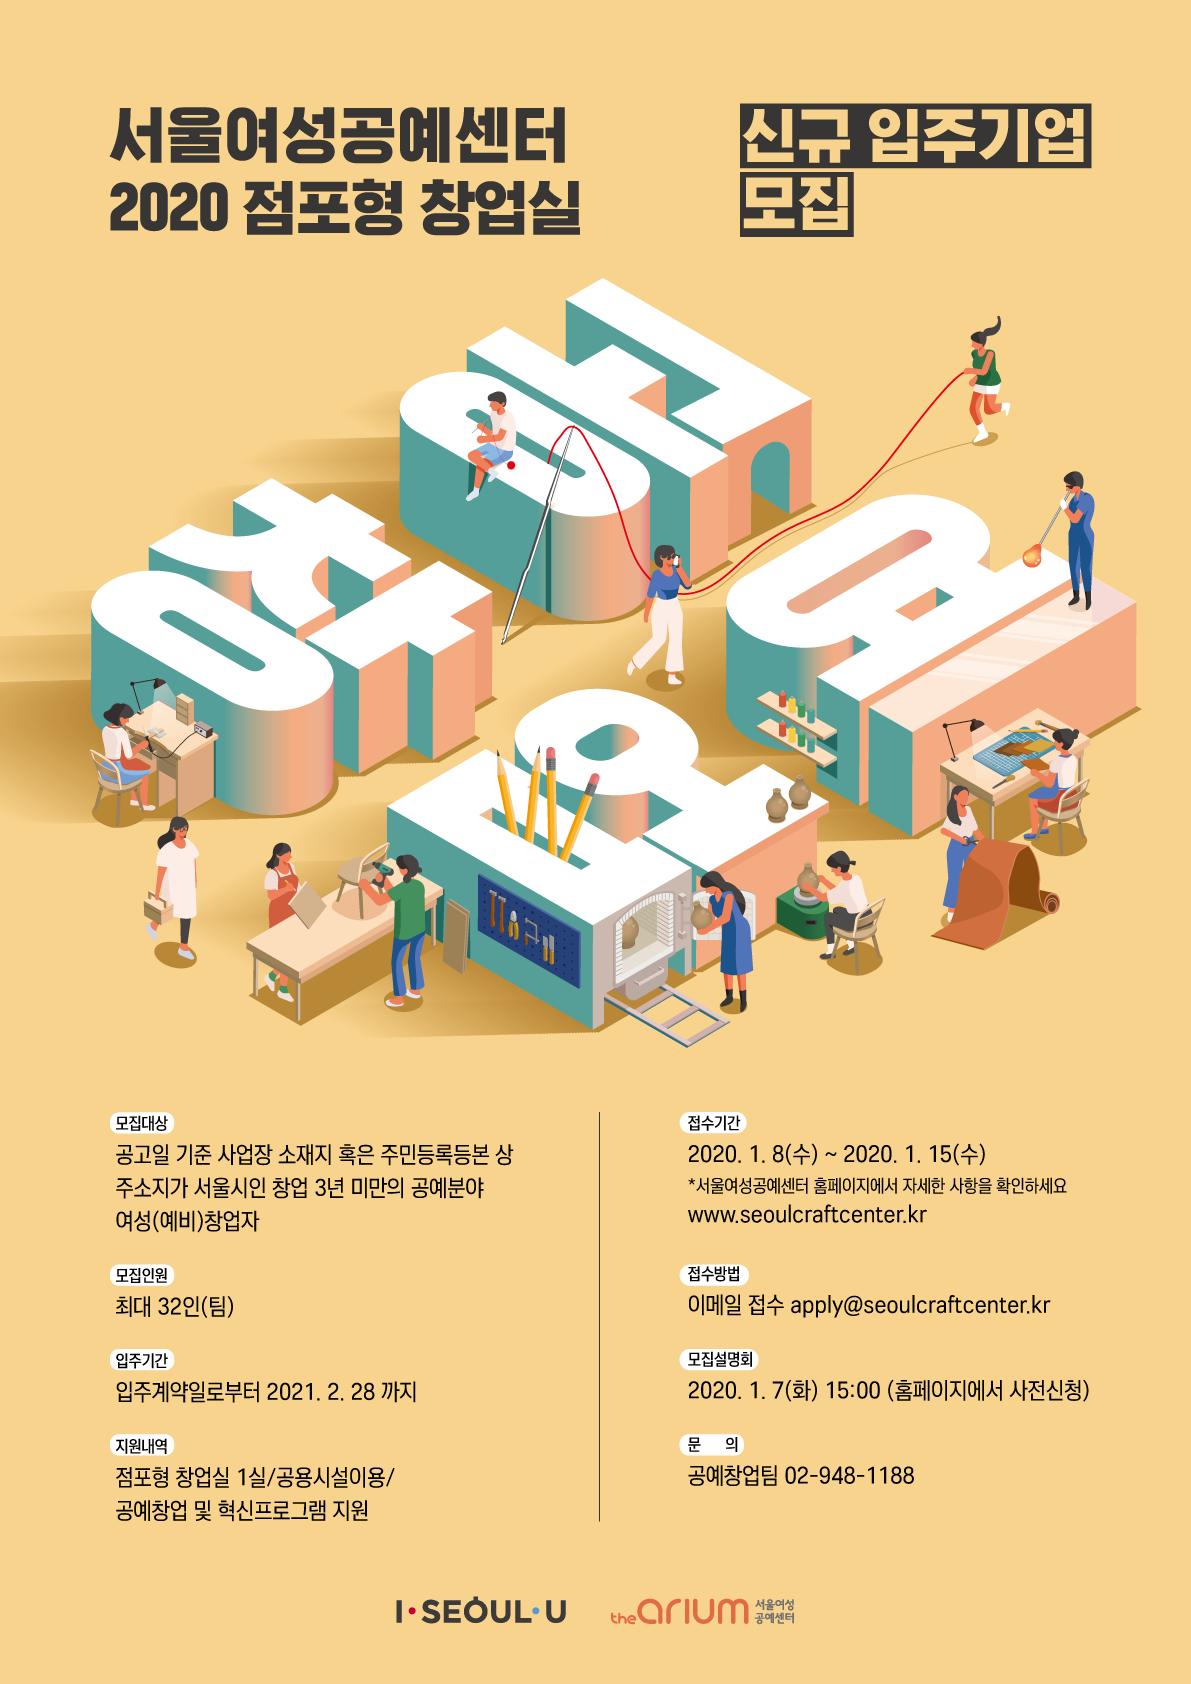 [포스터]2020 신규입주기업 모집.png